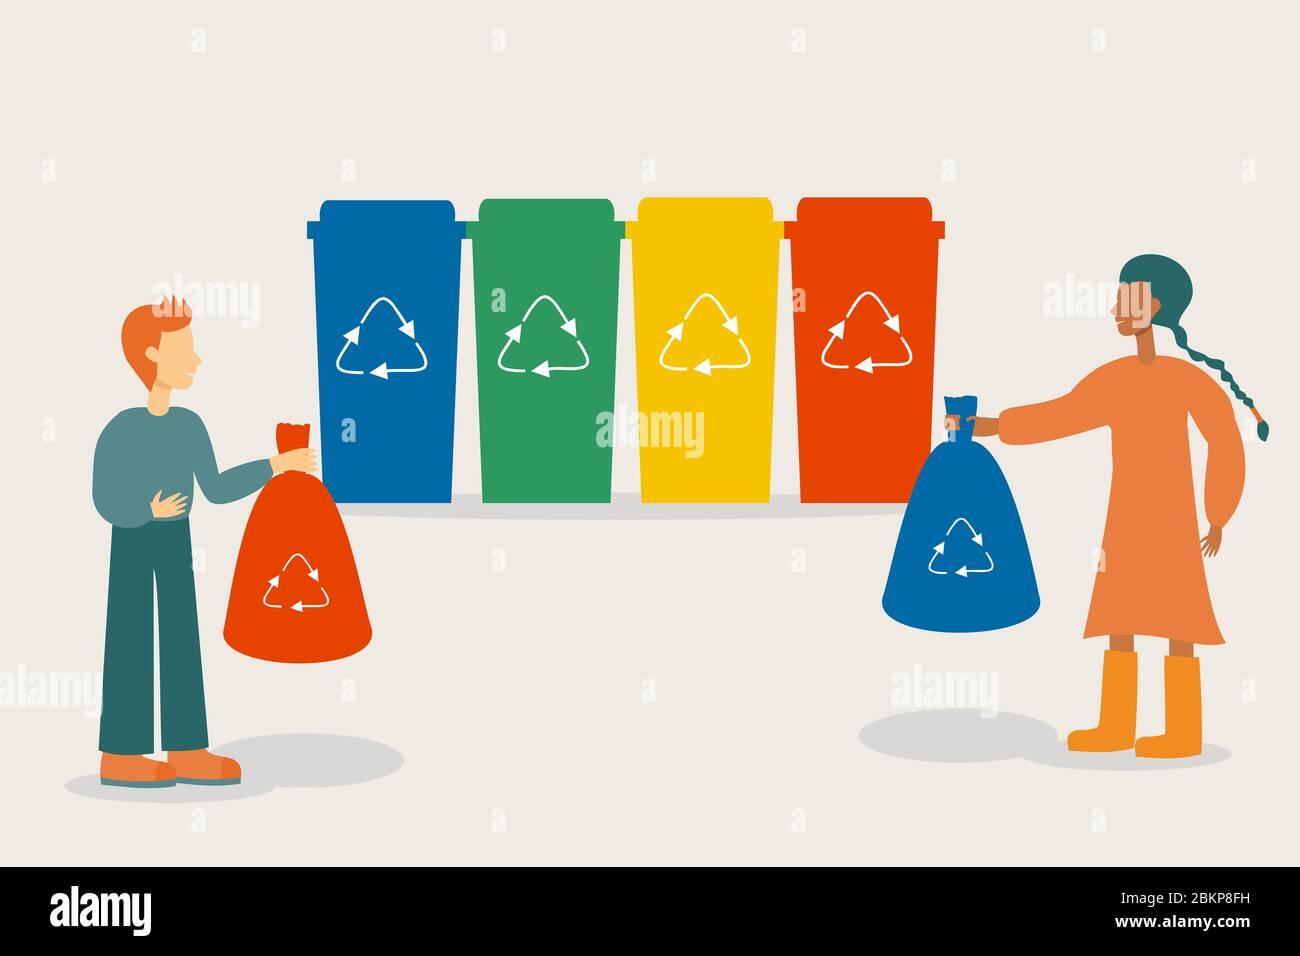 Personajes de la gente que clasifican rubbish en diferentes contenedores o contenedores de reciclaje para reducir la contaminación Foto de stock